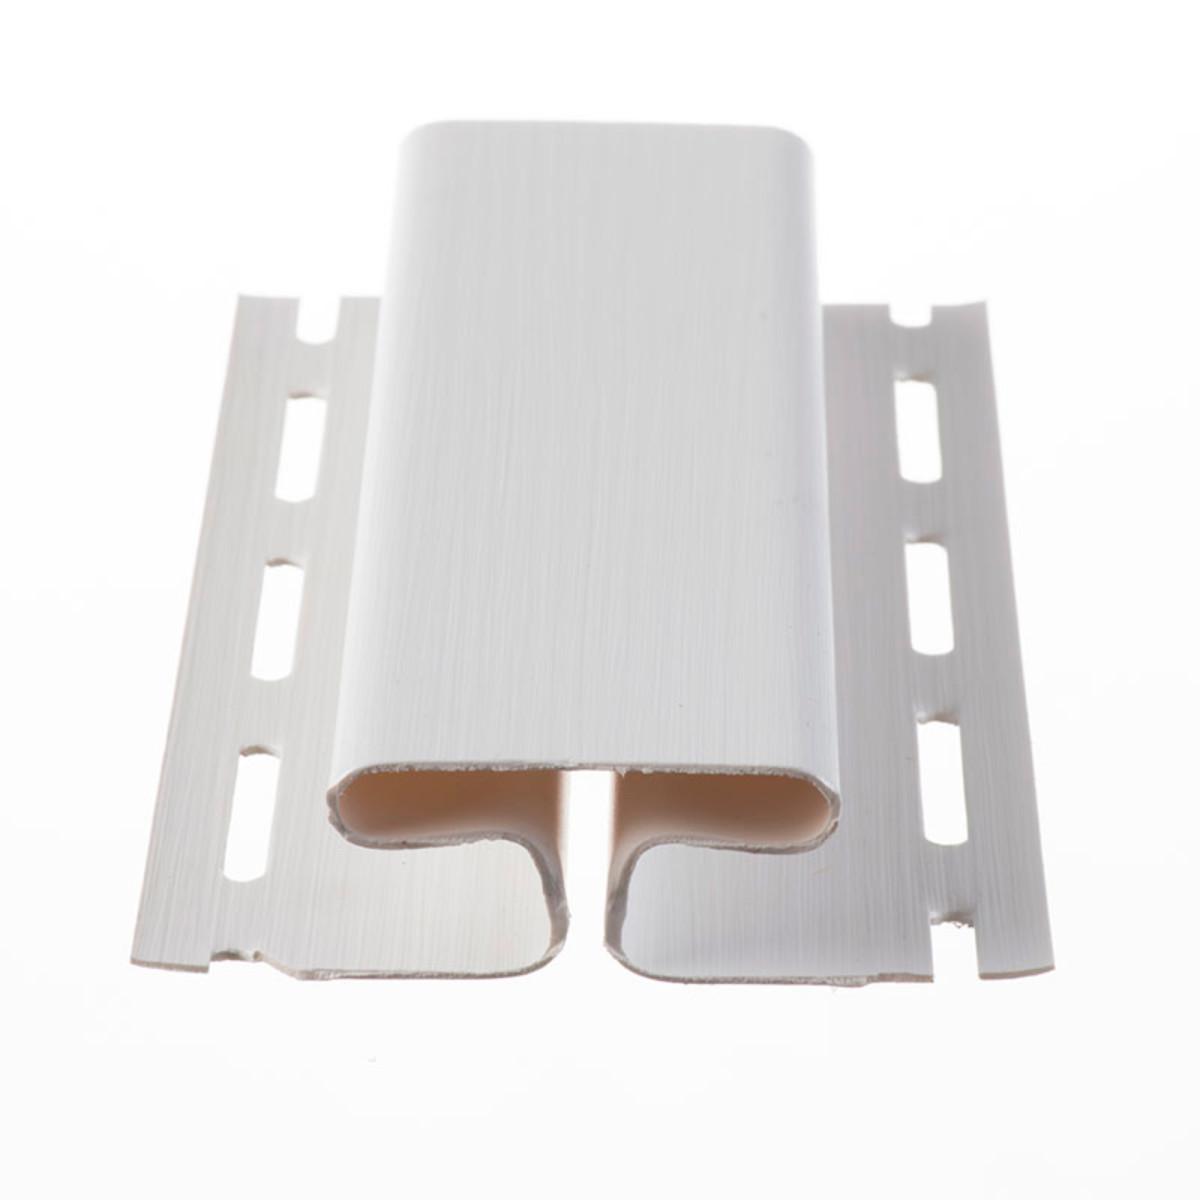 H-профиль 3000 мм цвет белый